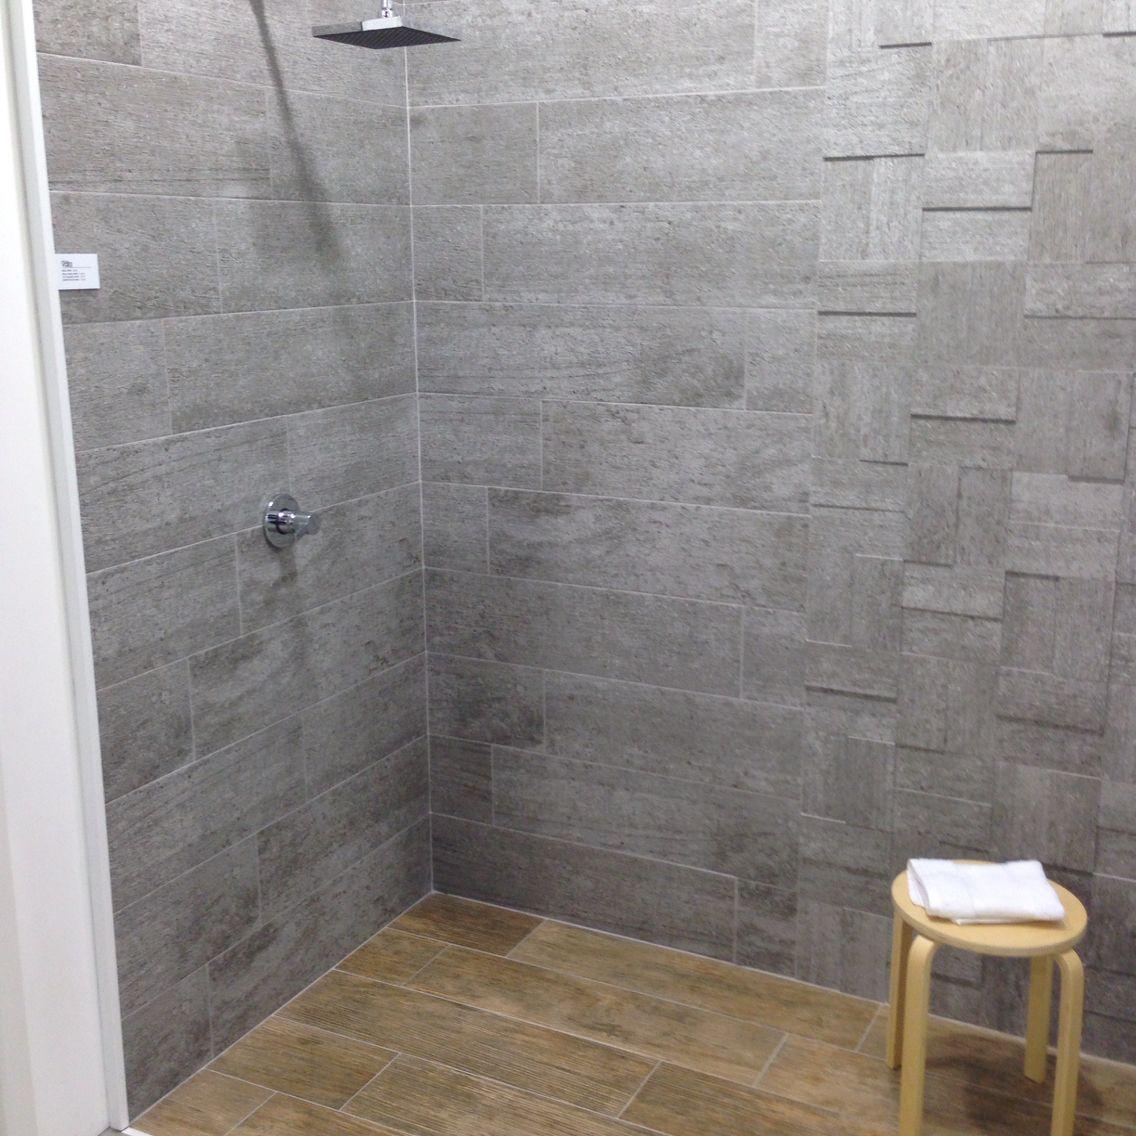 Beton look tegels gemixt met Houtlook tegels in de badkamer ...